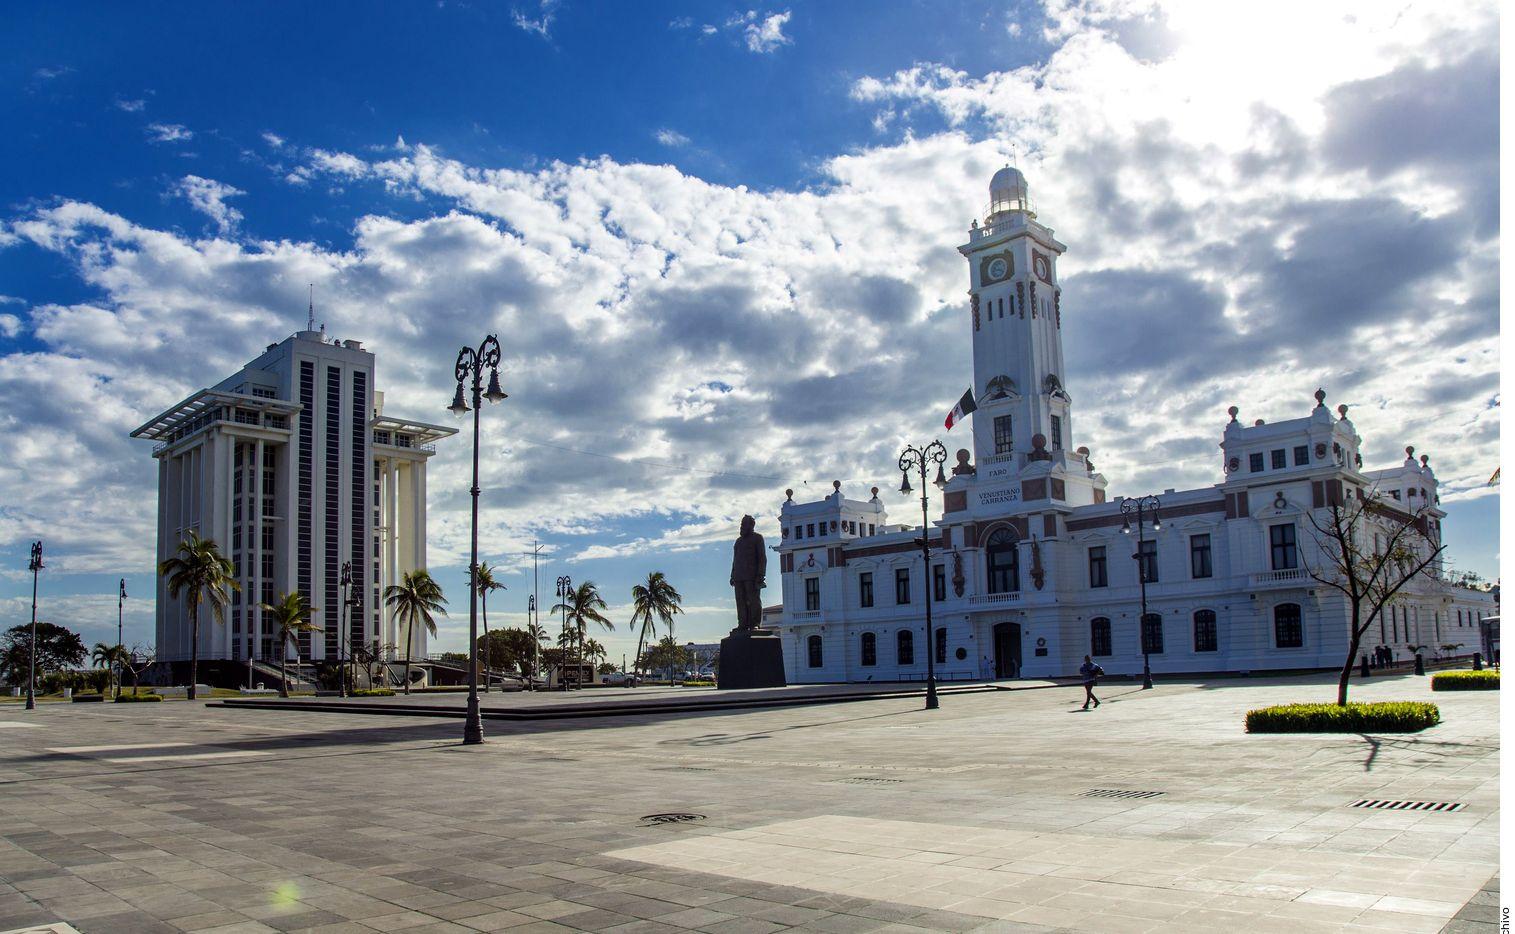 Ubicado en el Puerto de Veracruz, el faro carranza data de principios del siglo pasado. Su construcción inició en 1902 y se inauguró en 1910, por Porfirio Díaz./ AGENCIA REFORMA